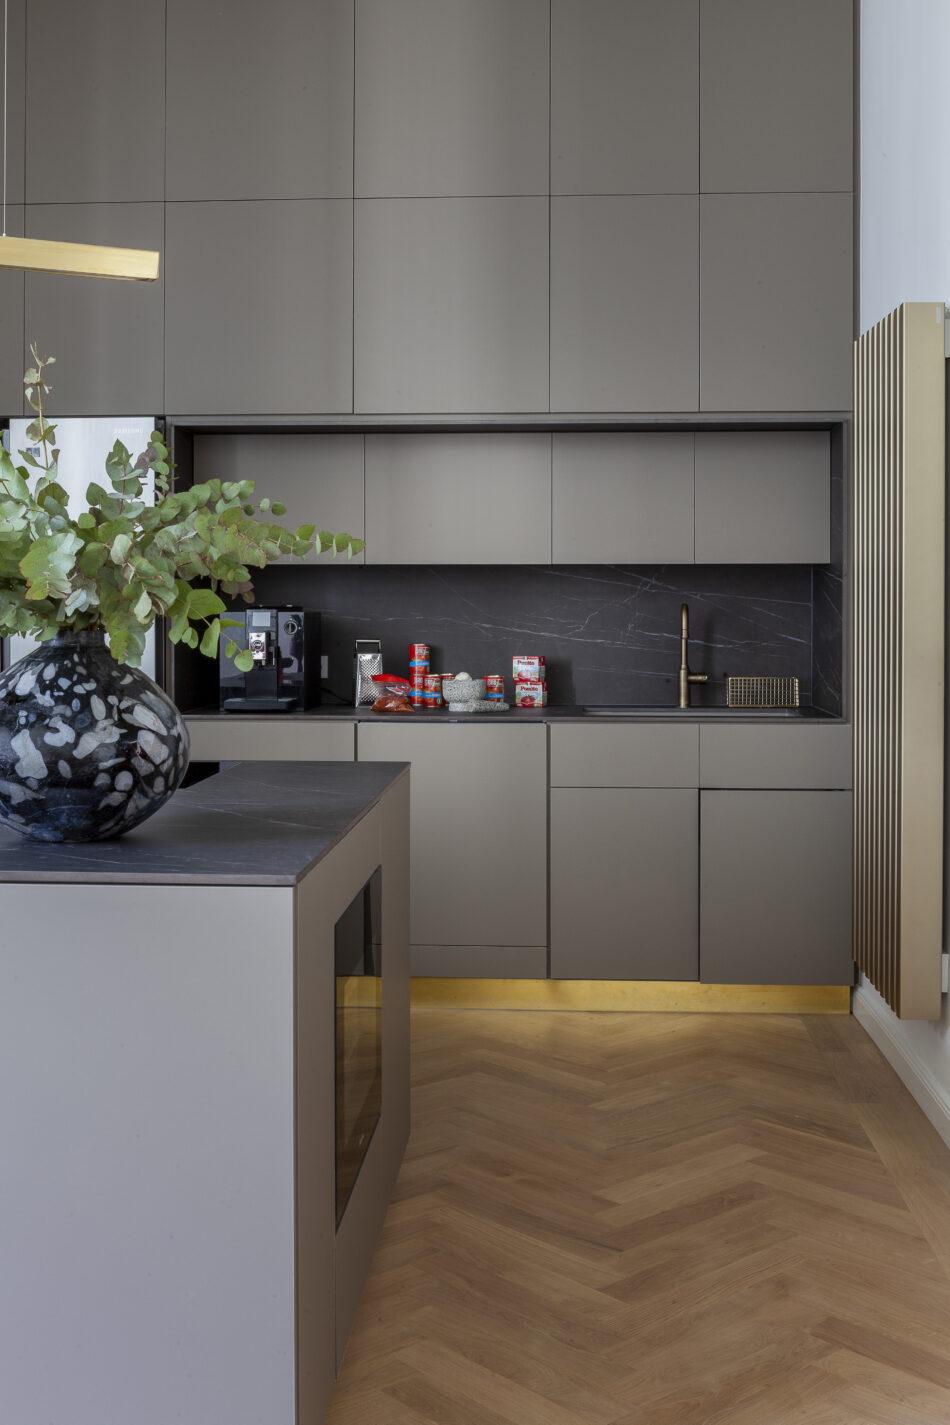 Antonius Schimmelbusch_Apartment_Berlin_Anne-Catherine Scoffoni_privat_08